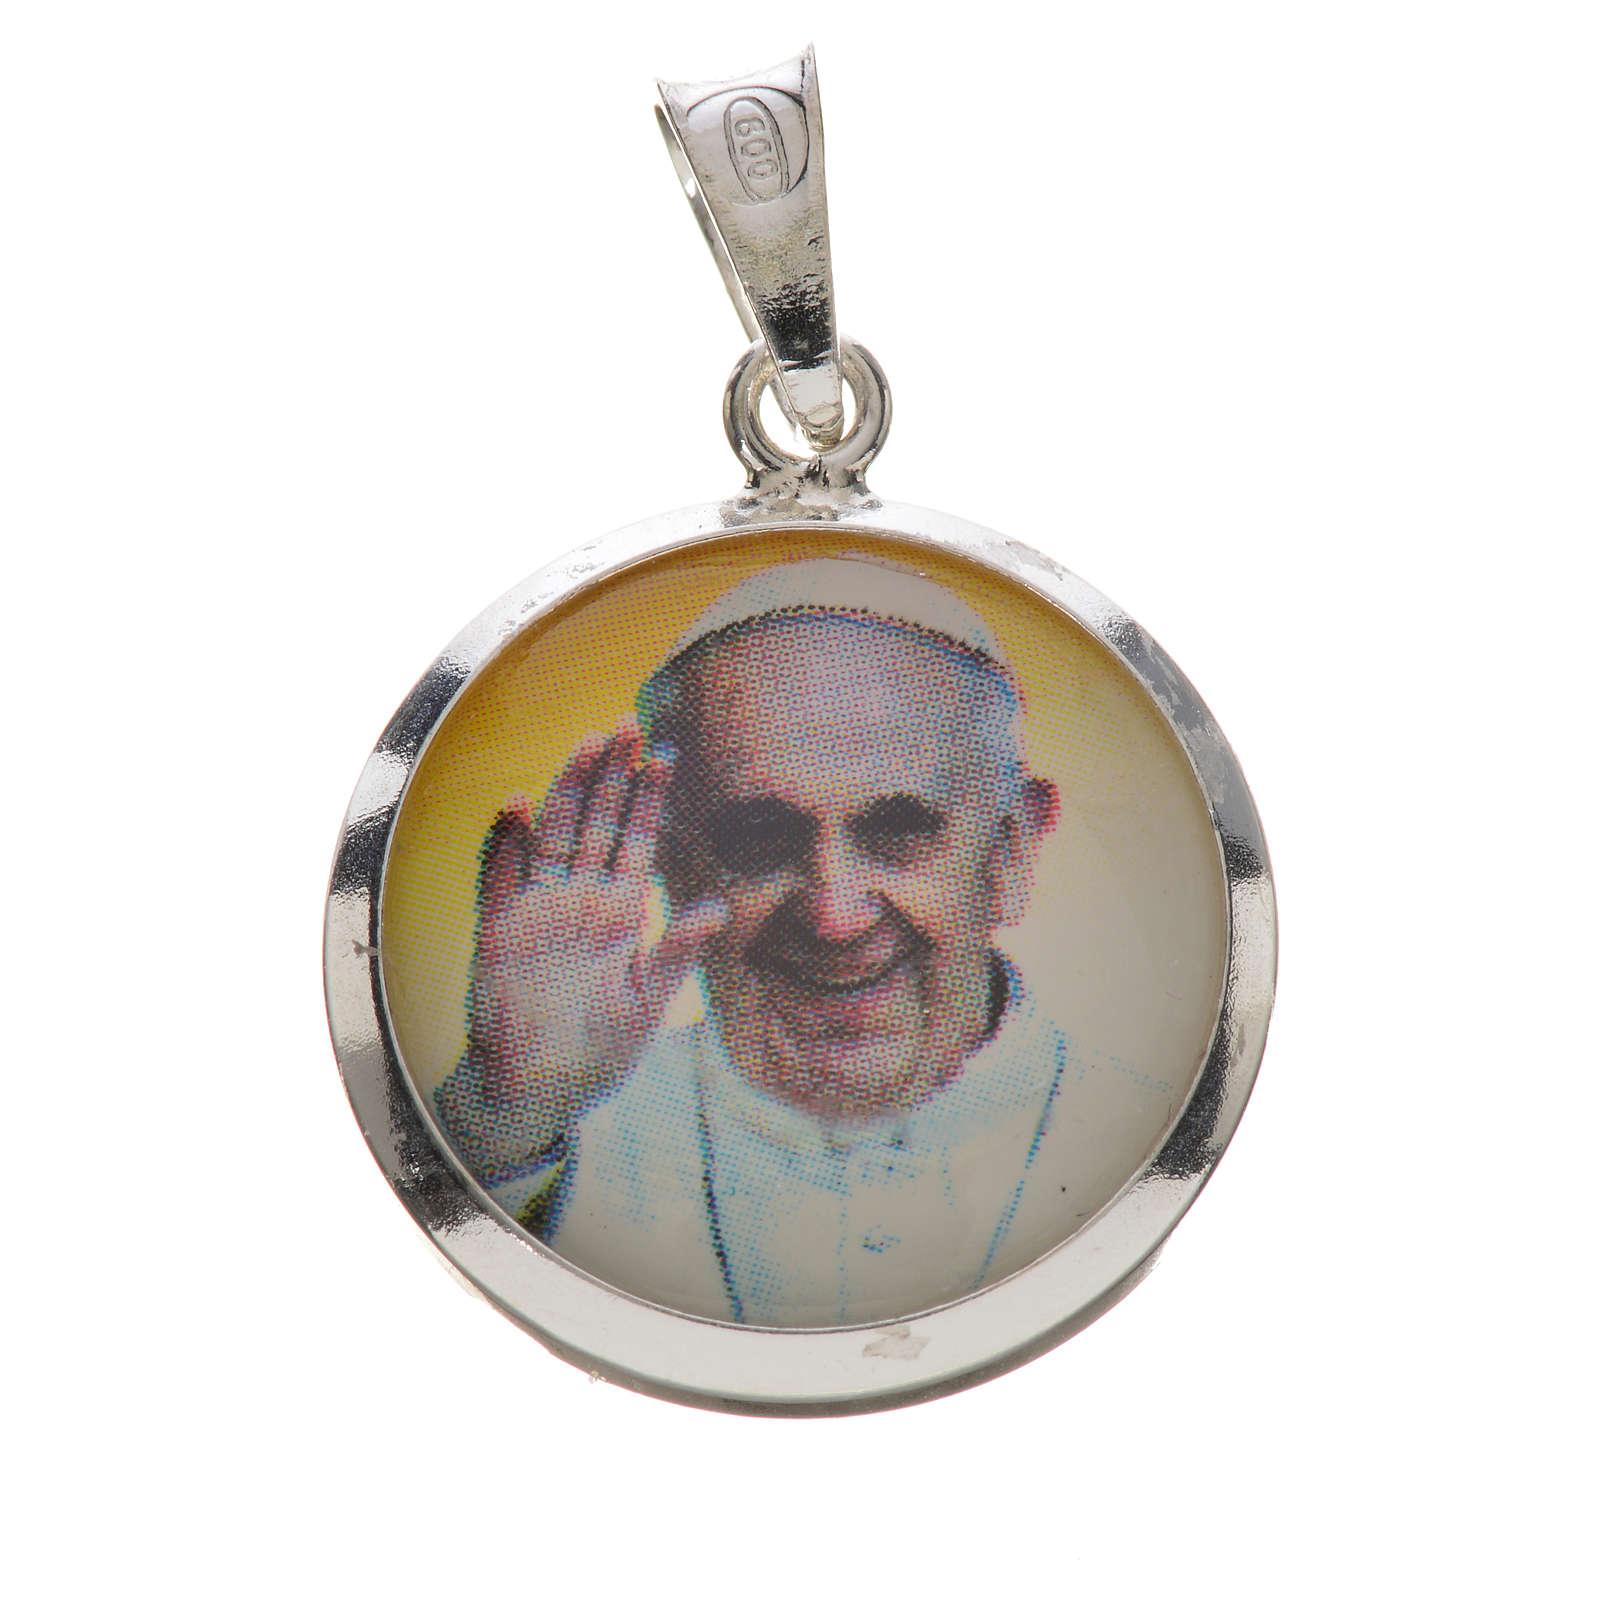 Medalla colgante de Papa Francisco en plata 800 4